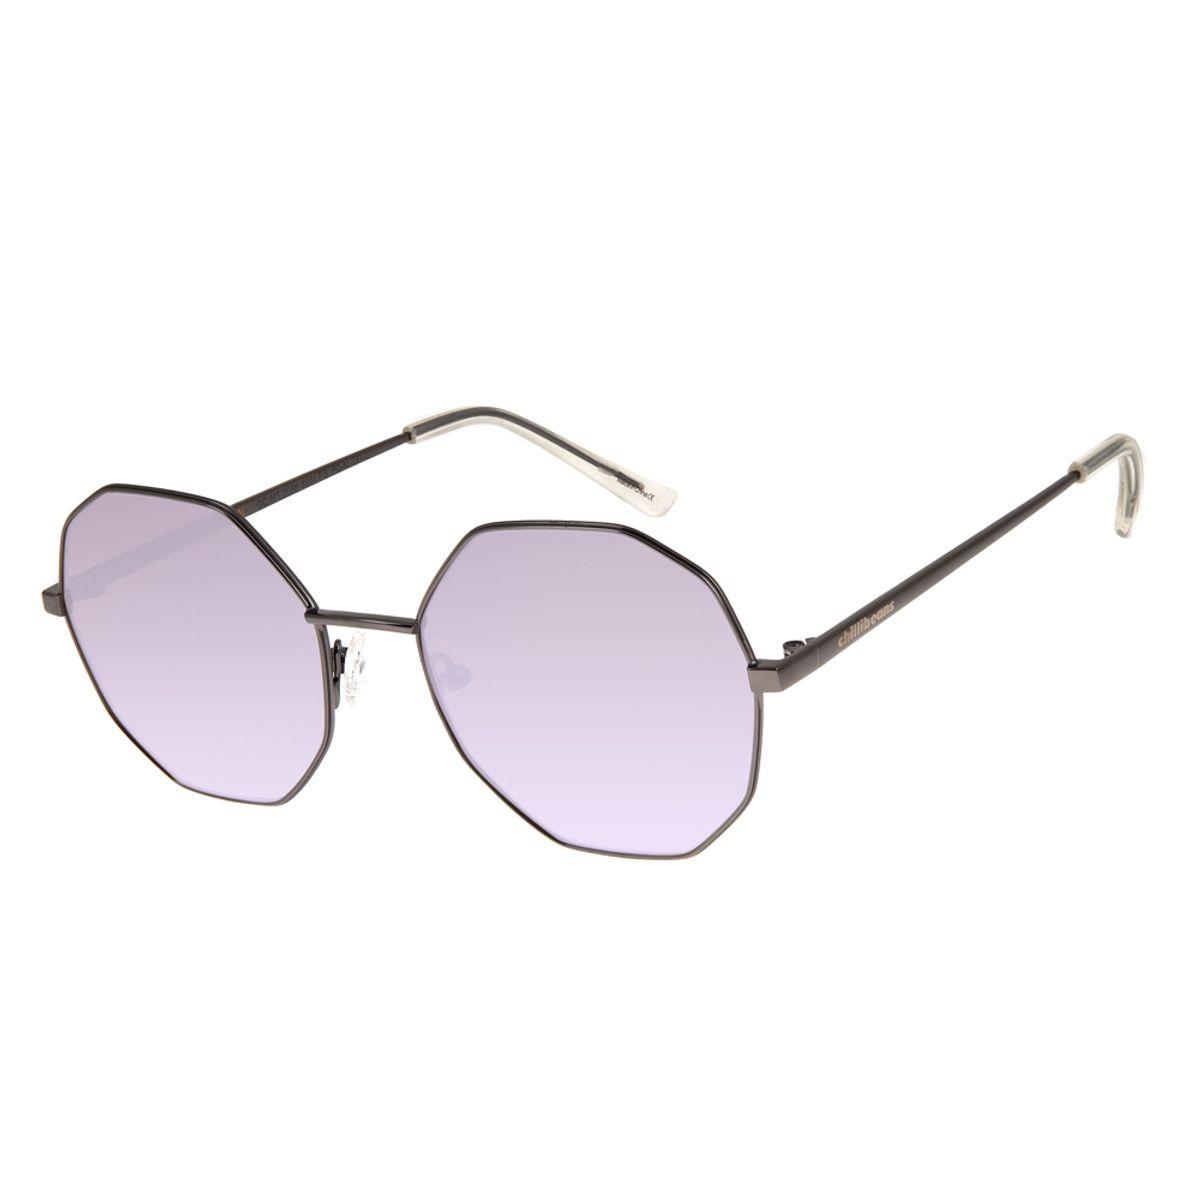 021d5a097 Óculos de Sol Chilli Beans Feminino Octagonal Rosa 2566 - Chilli Beans